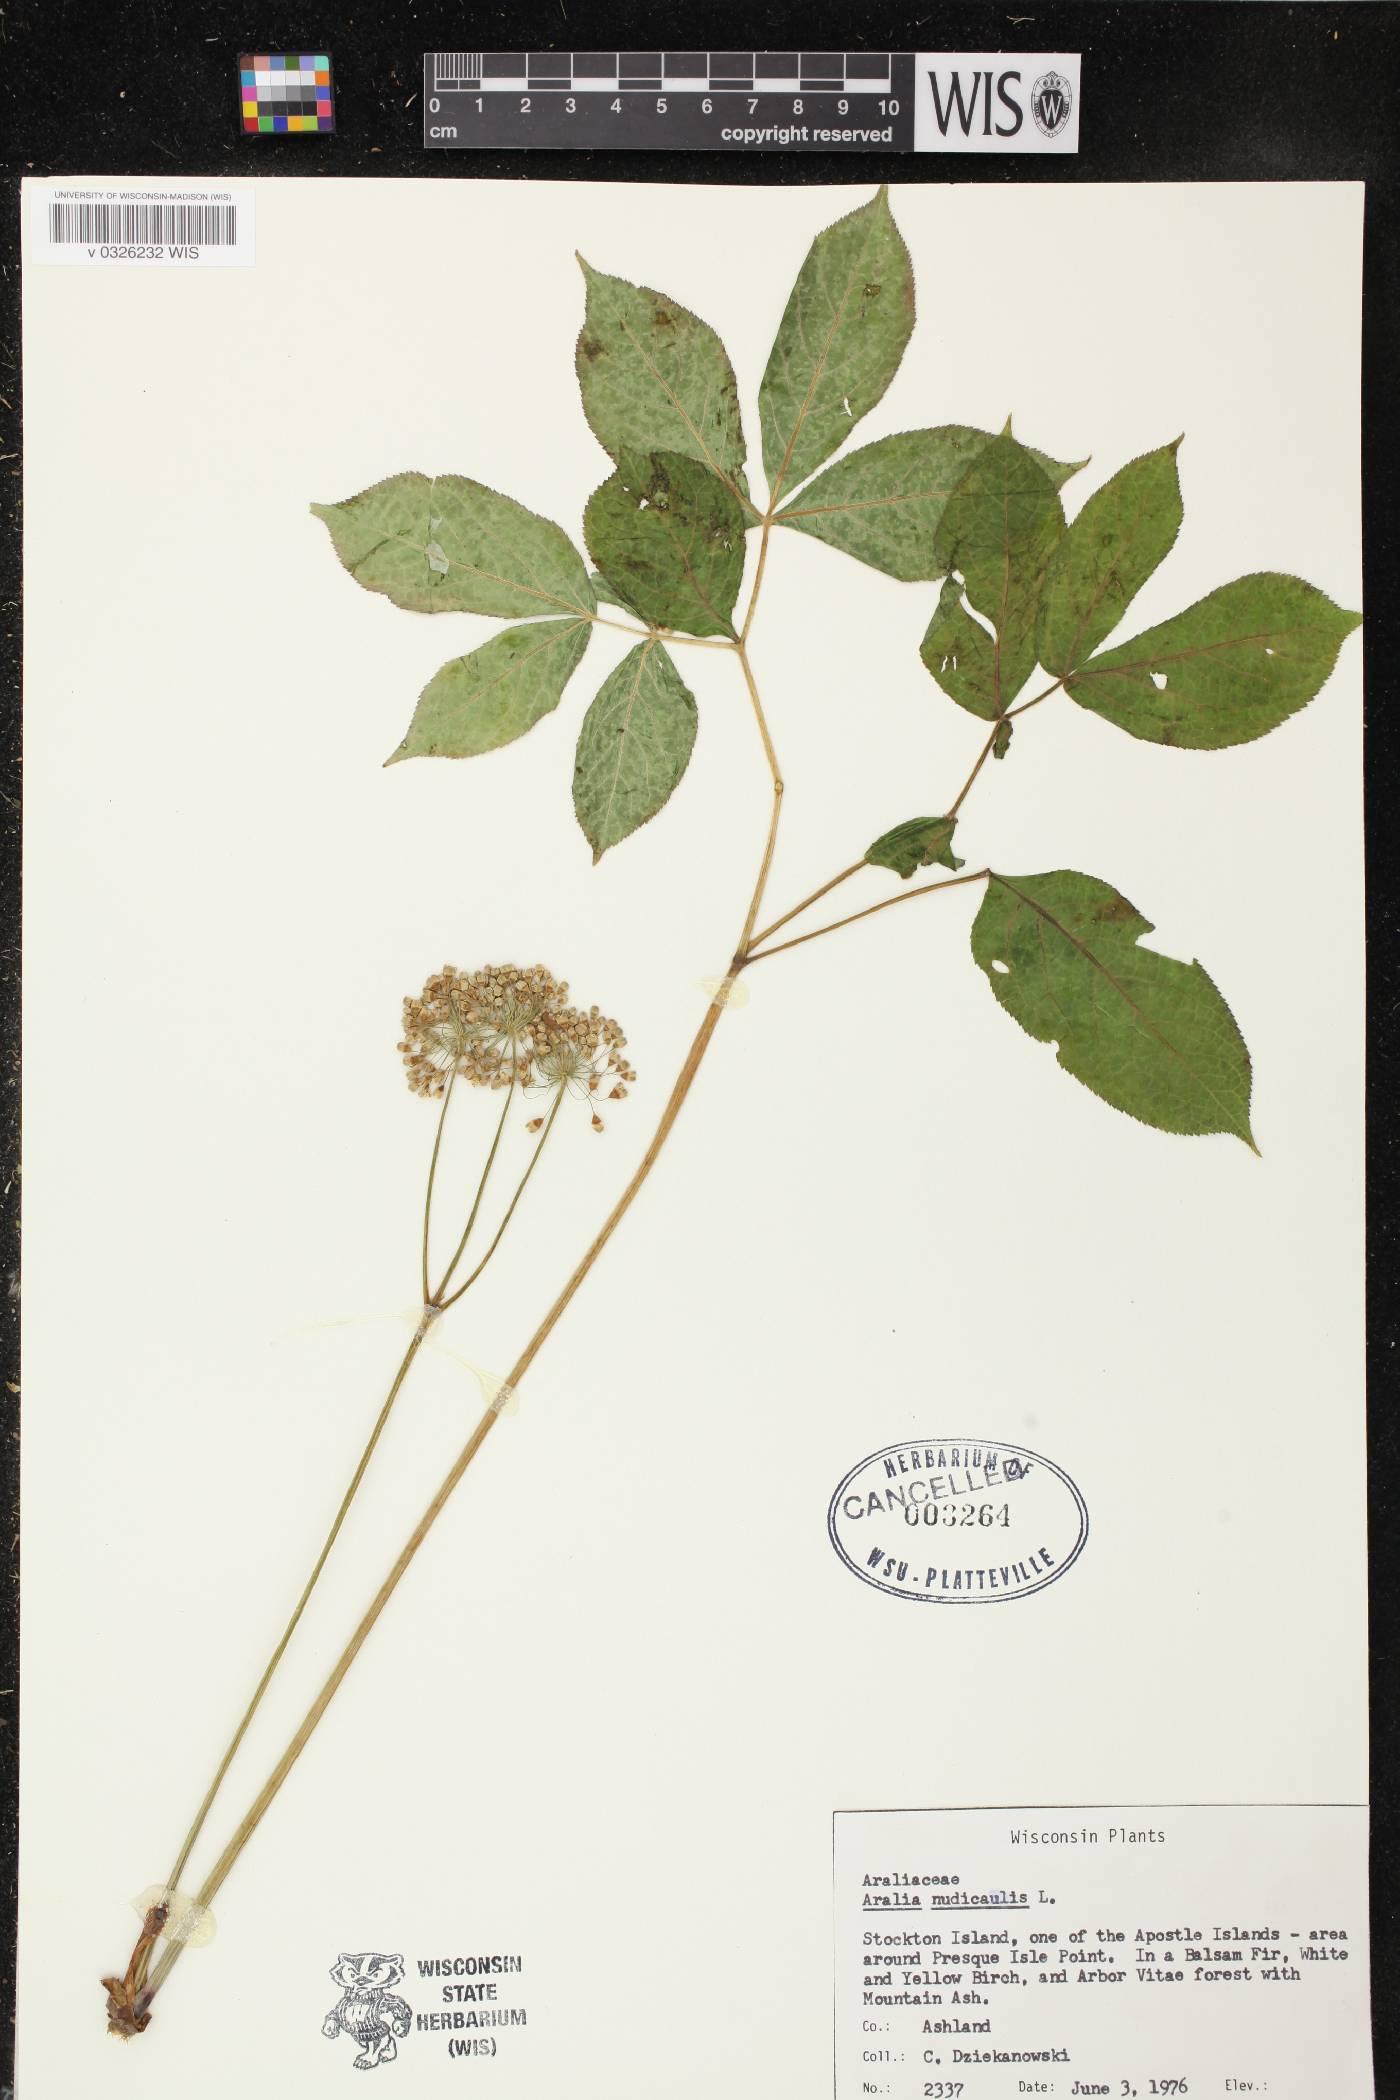 Aralia nudicaulis image